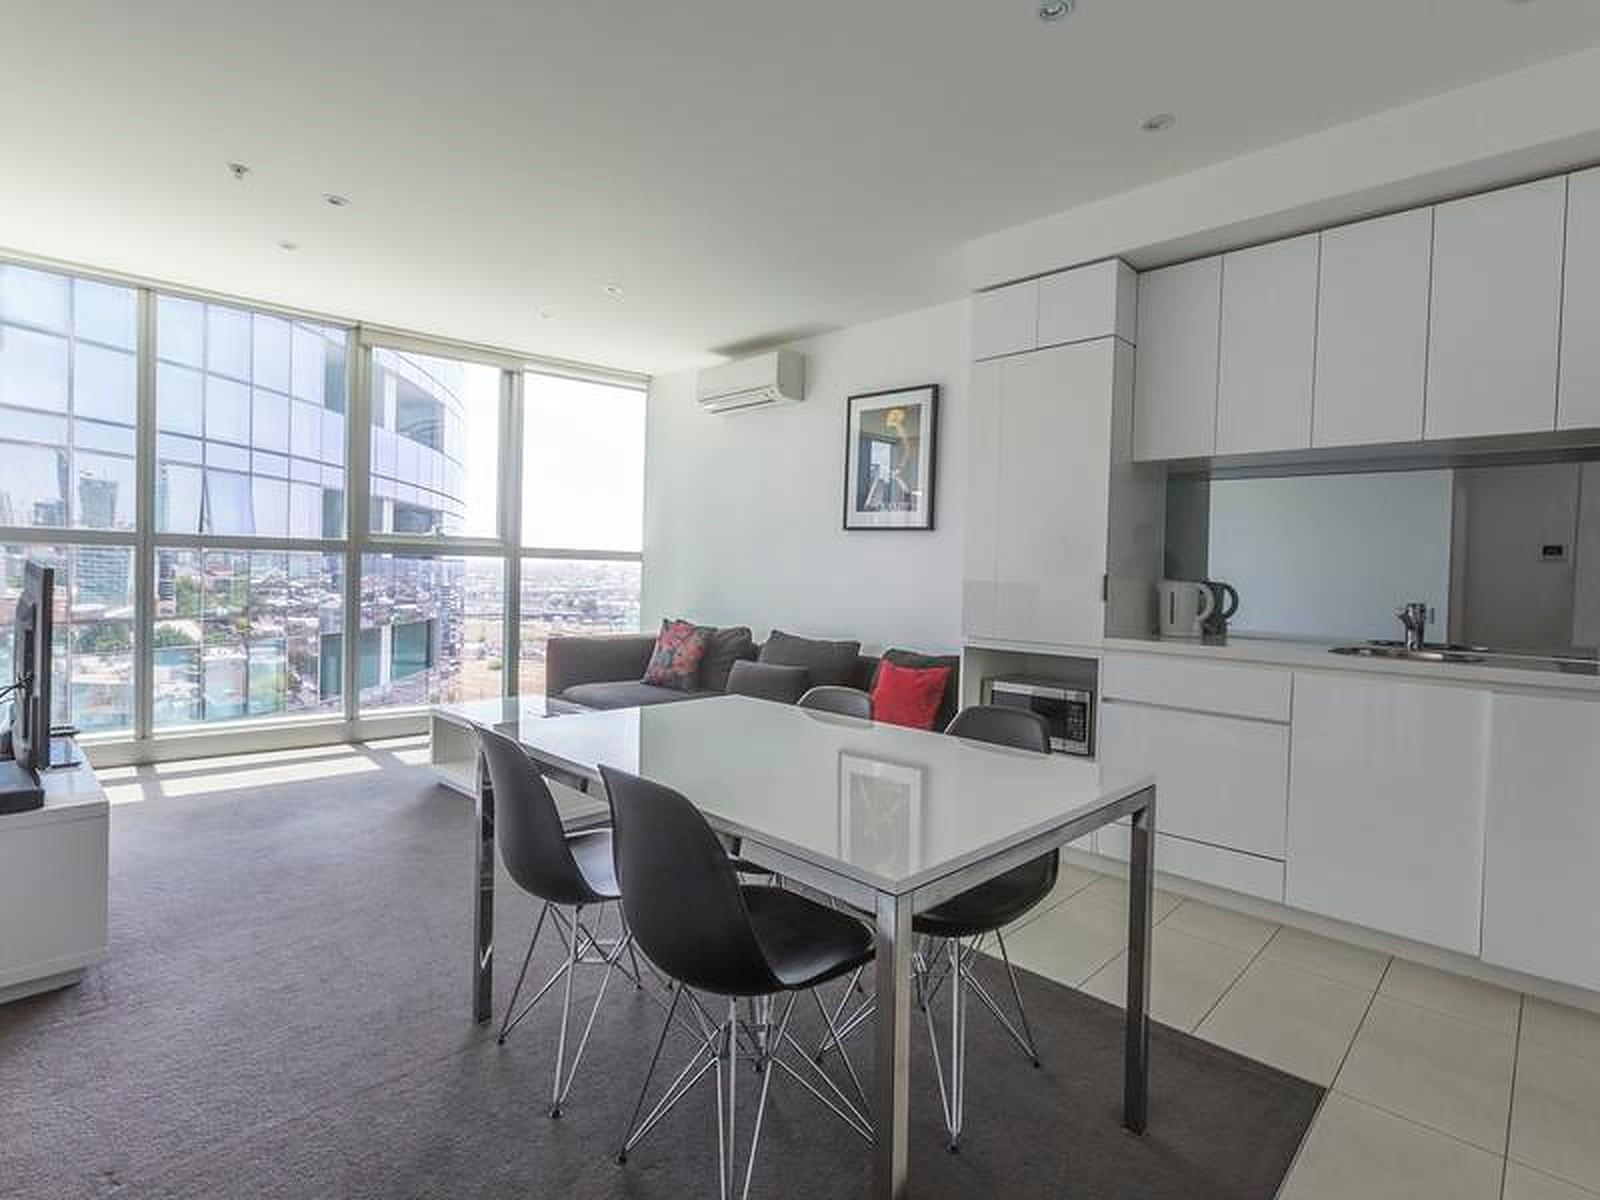 Ferienwohnung Docklands Apt 2 SchlafzimmerMelbourne Star View (2781530), Melbourne, , Victoria, Australien, Bild 7